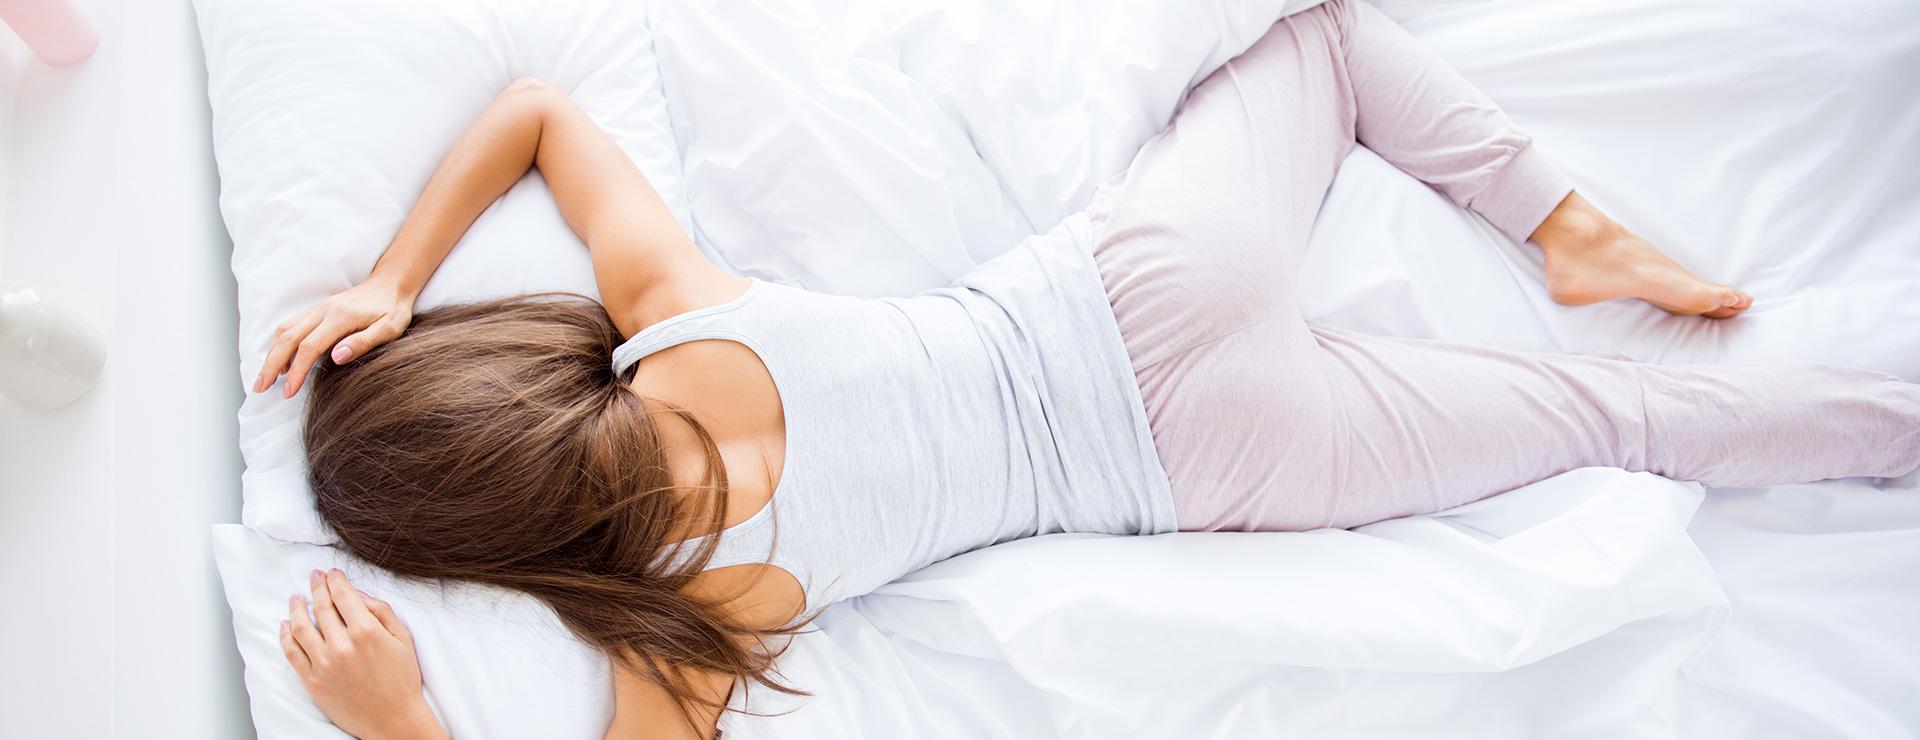 Dormir-sur-le-ventre